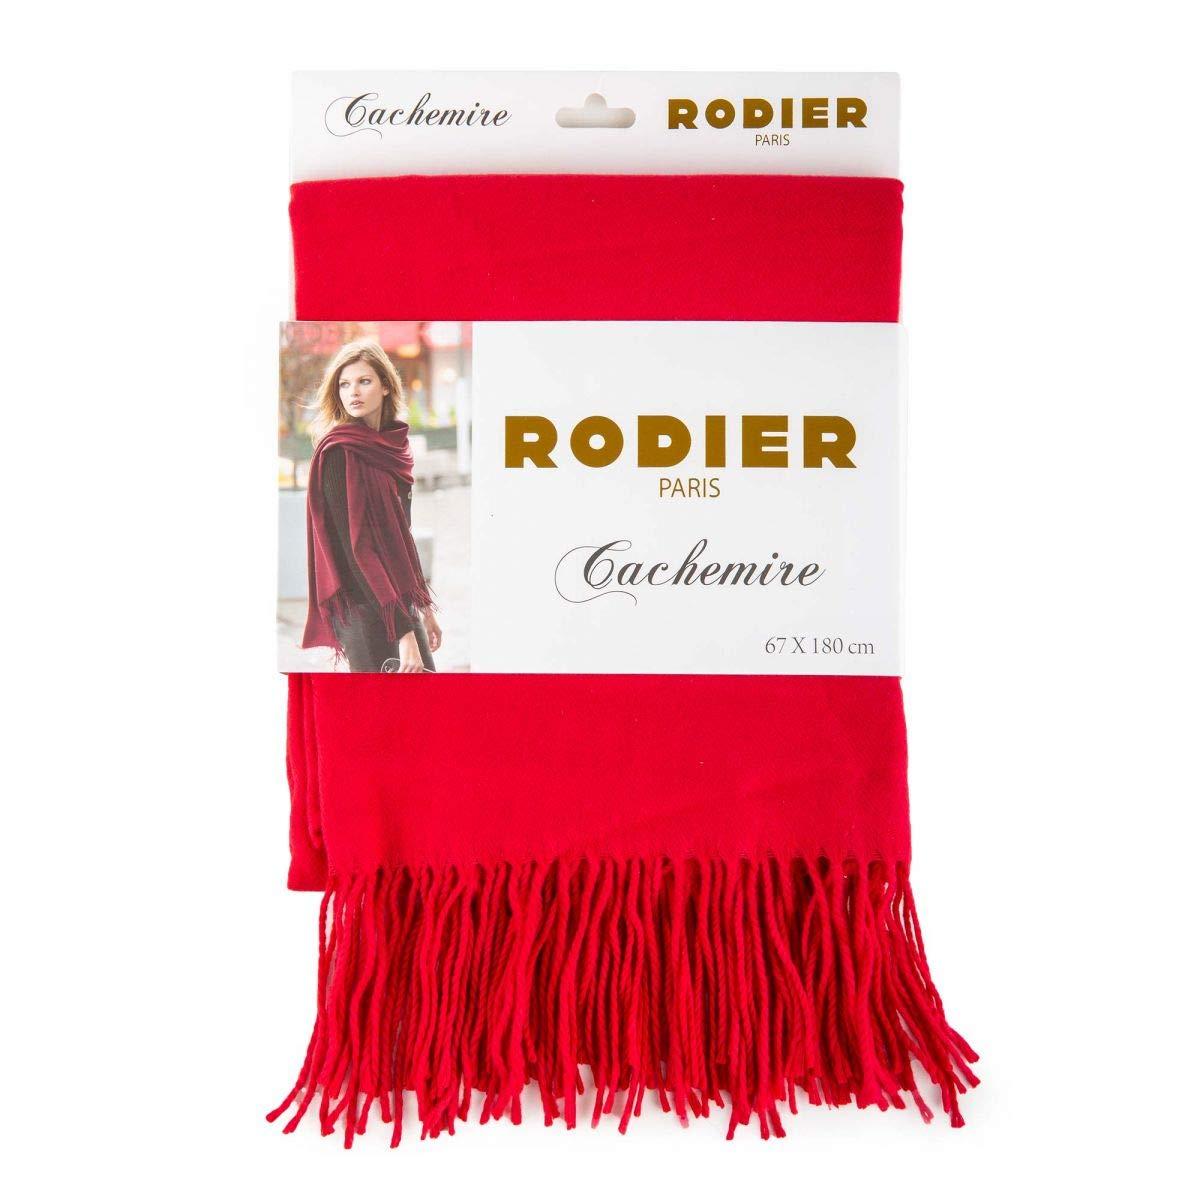 Rodier Echarpe cachemire 180cm x 67cm Femme ROUGE - 180  Amazon.fr   Vêtements et accessoires fbf4a602cab